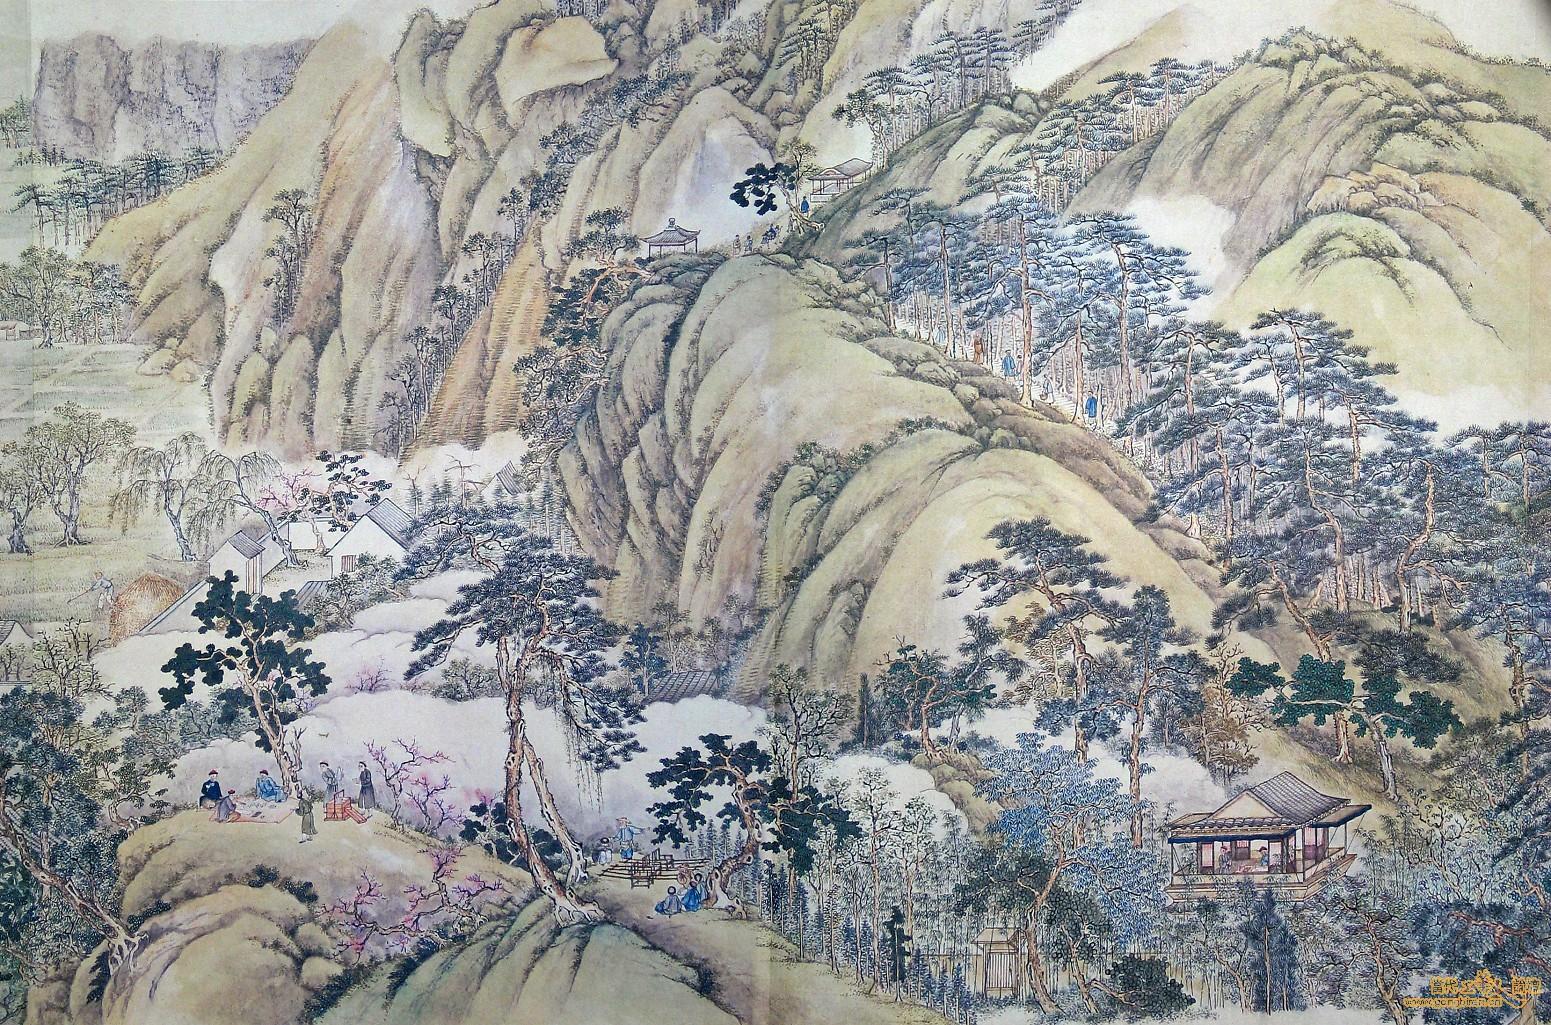 清代徐揚所繪的《姑蘇繁華圖》,左下角可見僮僕拿著提盒跟隨文人遊歷山水的樣貌。 資料來源│維基百科